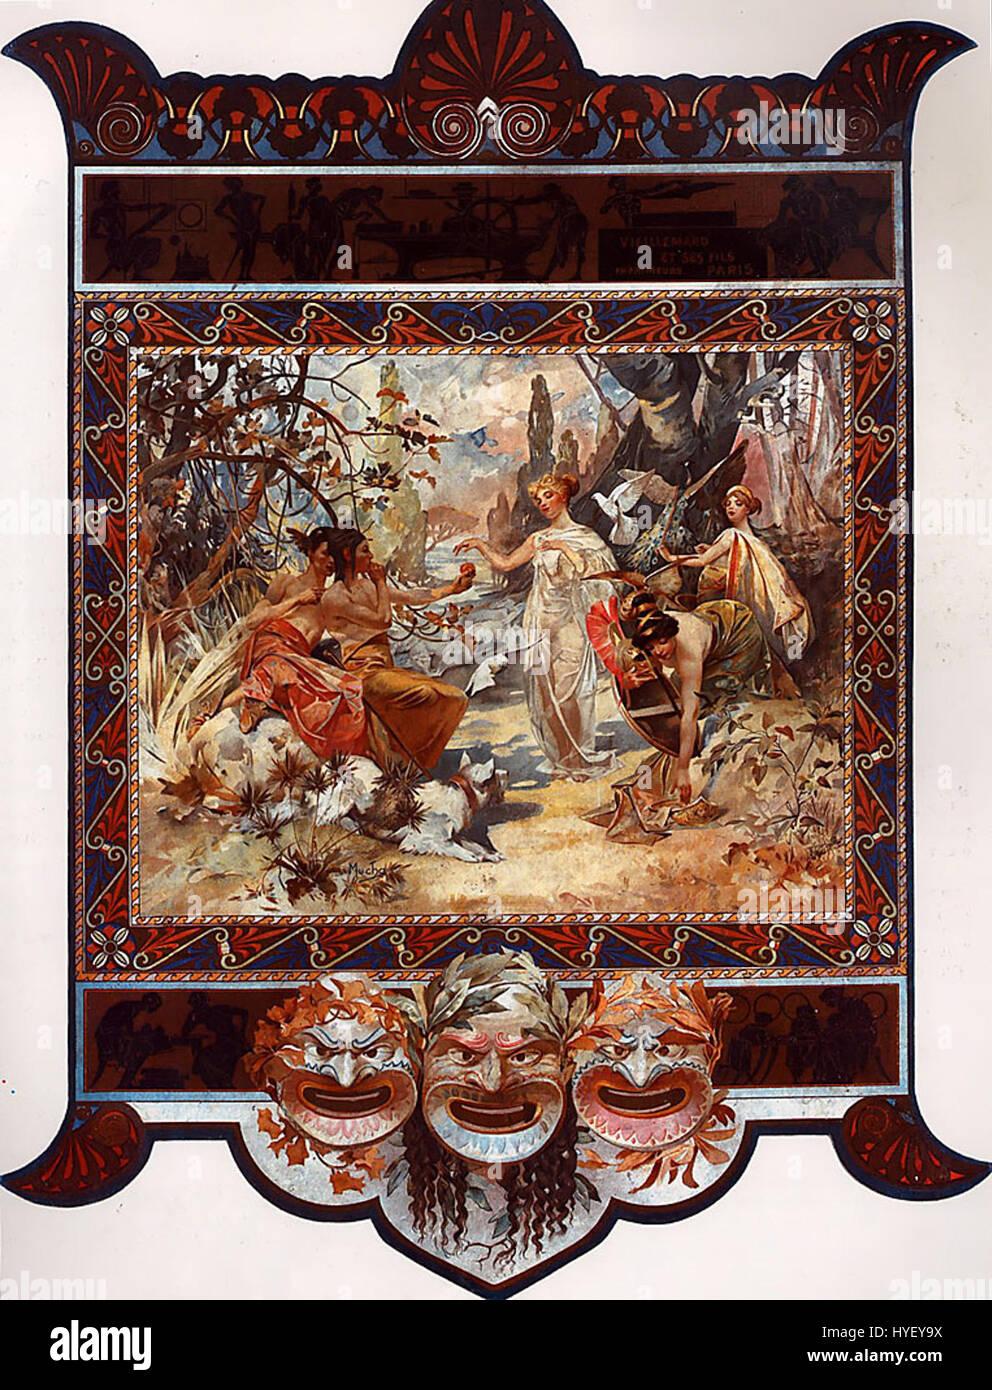 Mucha The Judgement of Paris (calendar) 1895 - Stock Image